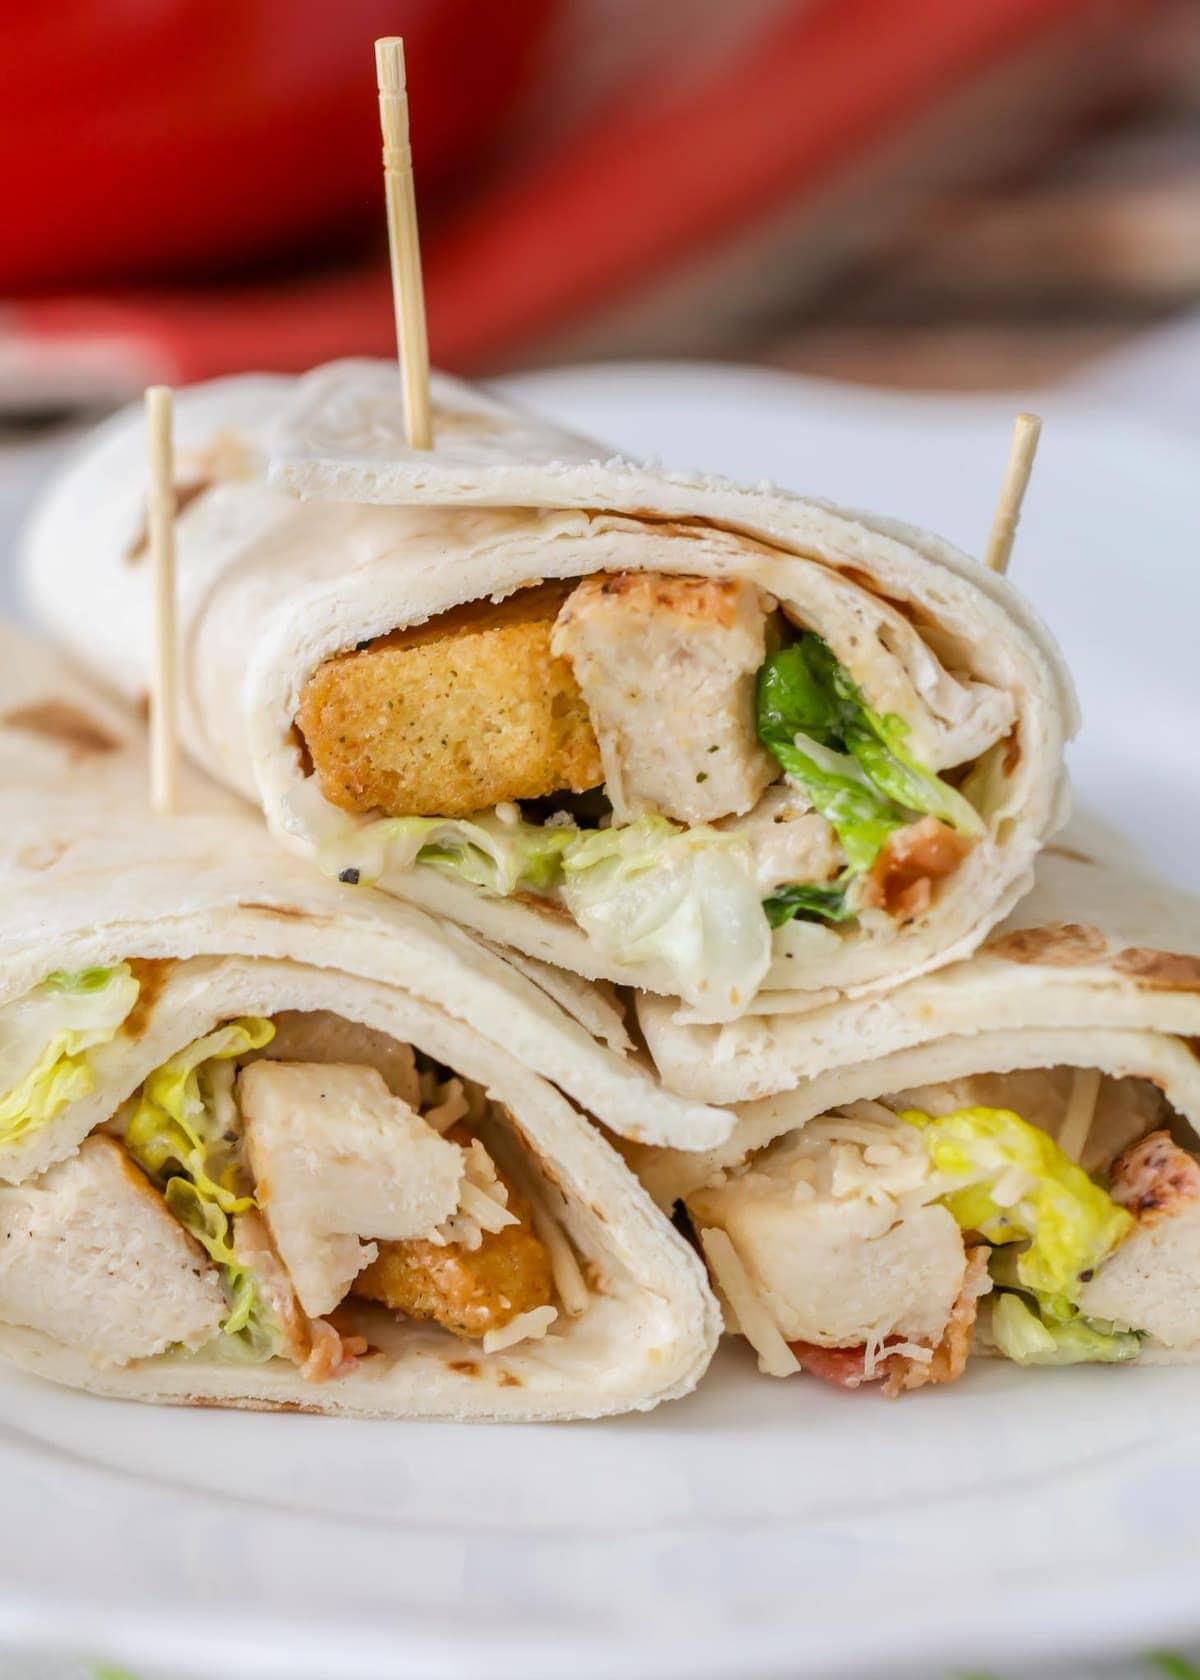 Three chicken caesar wraps on a white plate